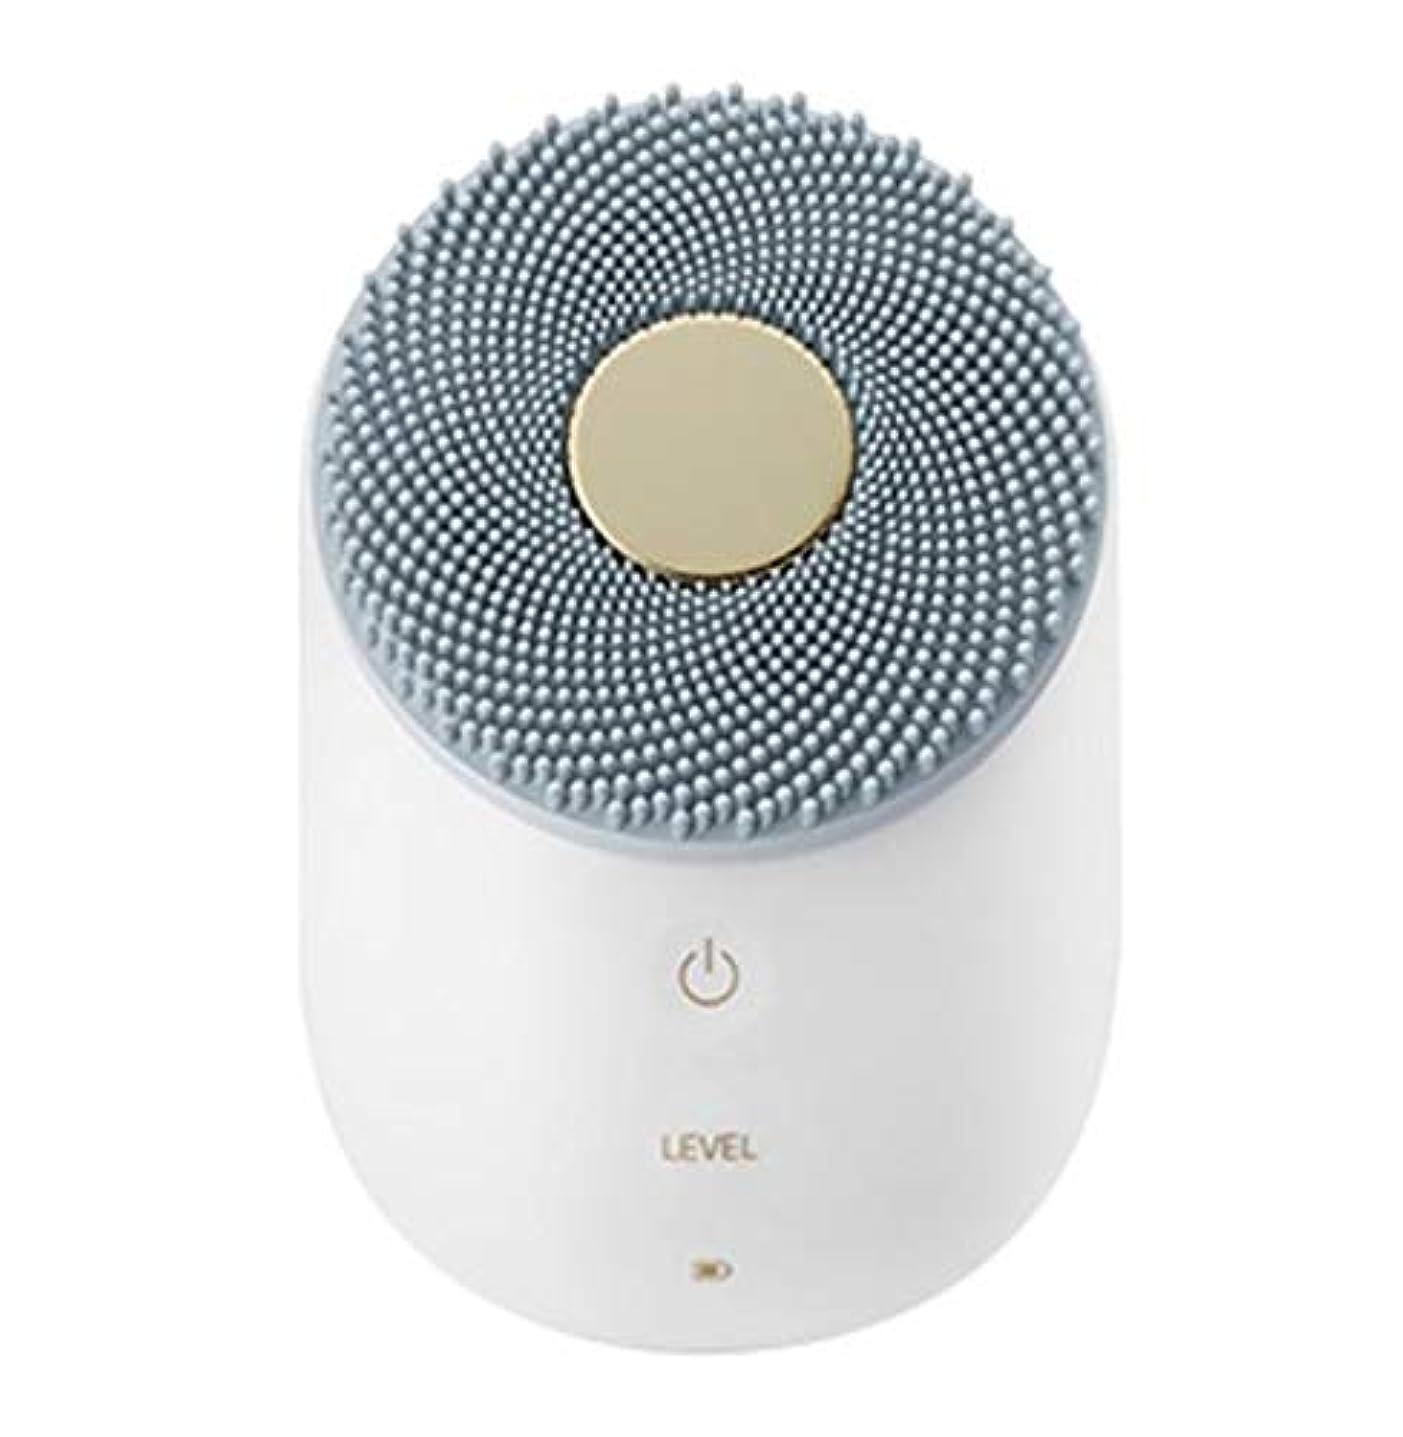 覆す小康代名詞(LGエレクトロニクス) LG Electronics Pra.L 超音波 振動 クレンジング 美肌 フェイシャル 洗顔 ブラシ [並行輸入品]